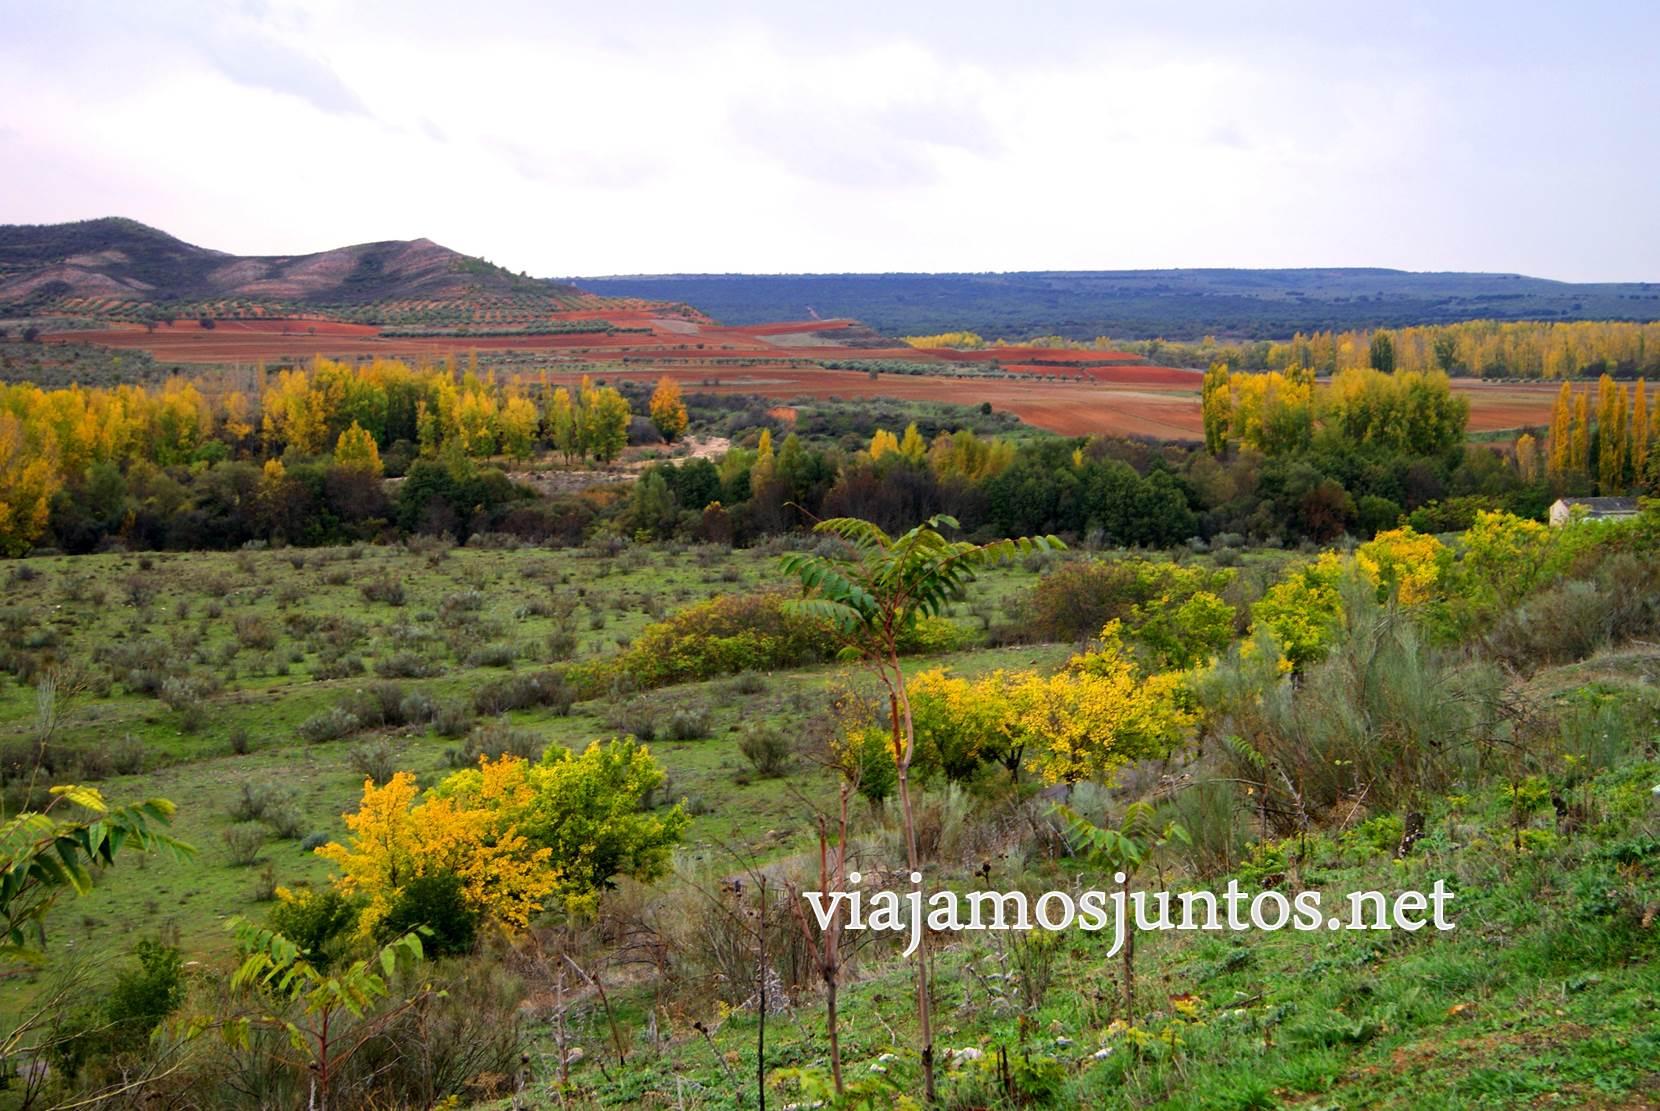 Ruta a las Cárcavas, Patones, Madrid; senderismo por sitios singulares de la Comunidad de Madrid; ruta